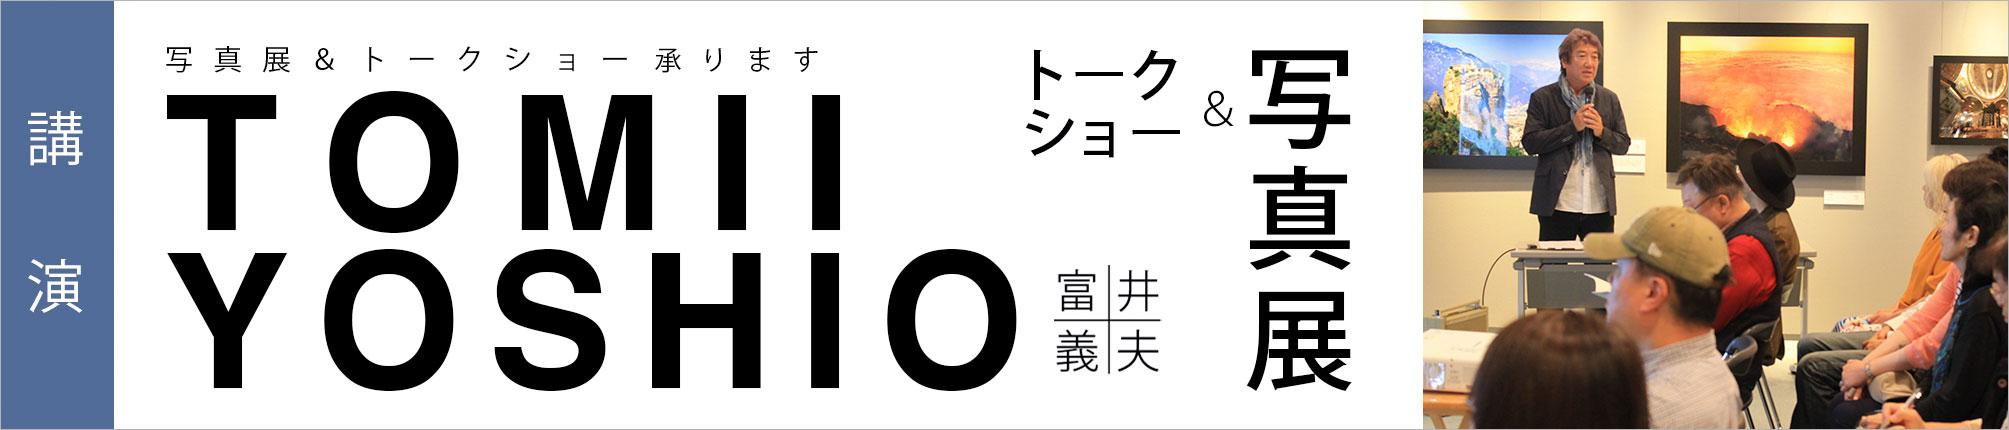 世界遺産写真家 富井義夫 講演依頼 - トークショー&写真展 承ります